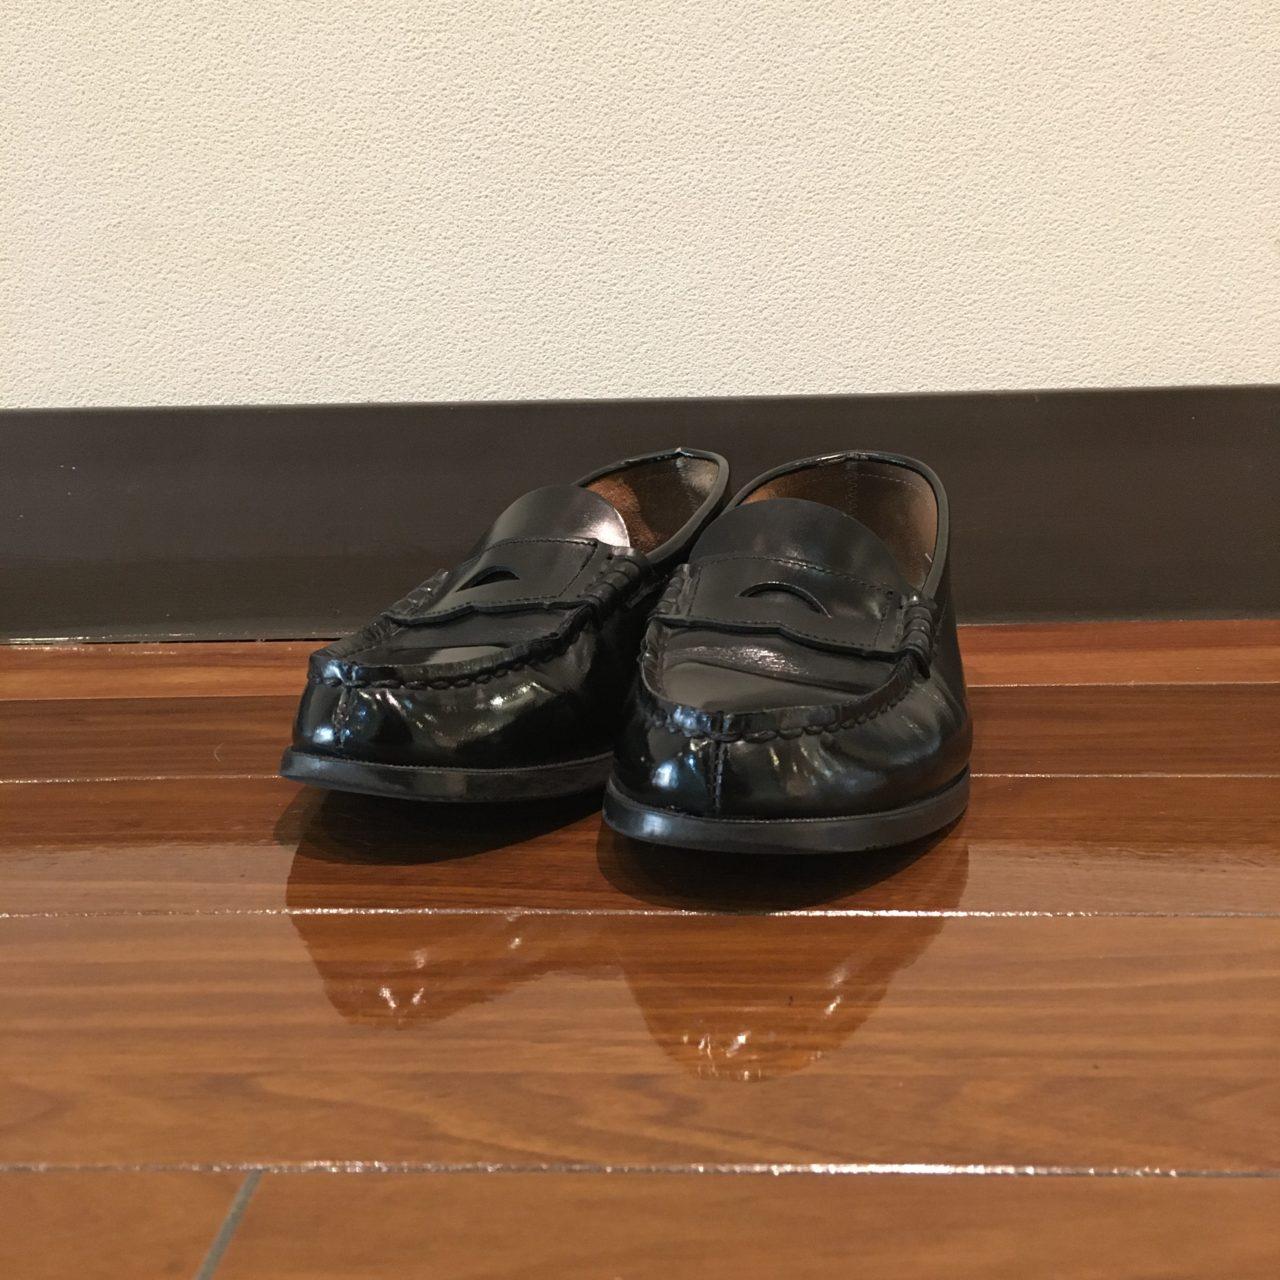 学生靴といえばハルタ。靴の擦れ跡をキレイに補修しました。